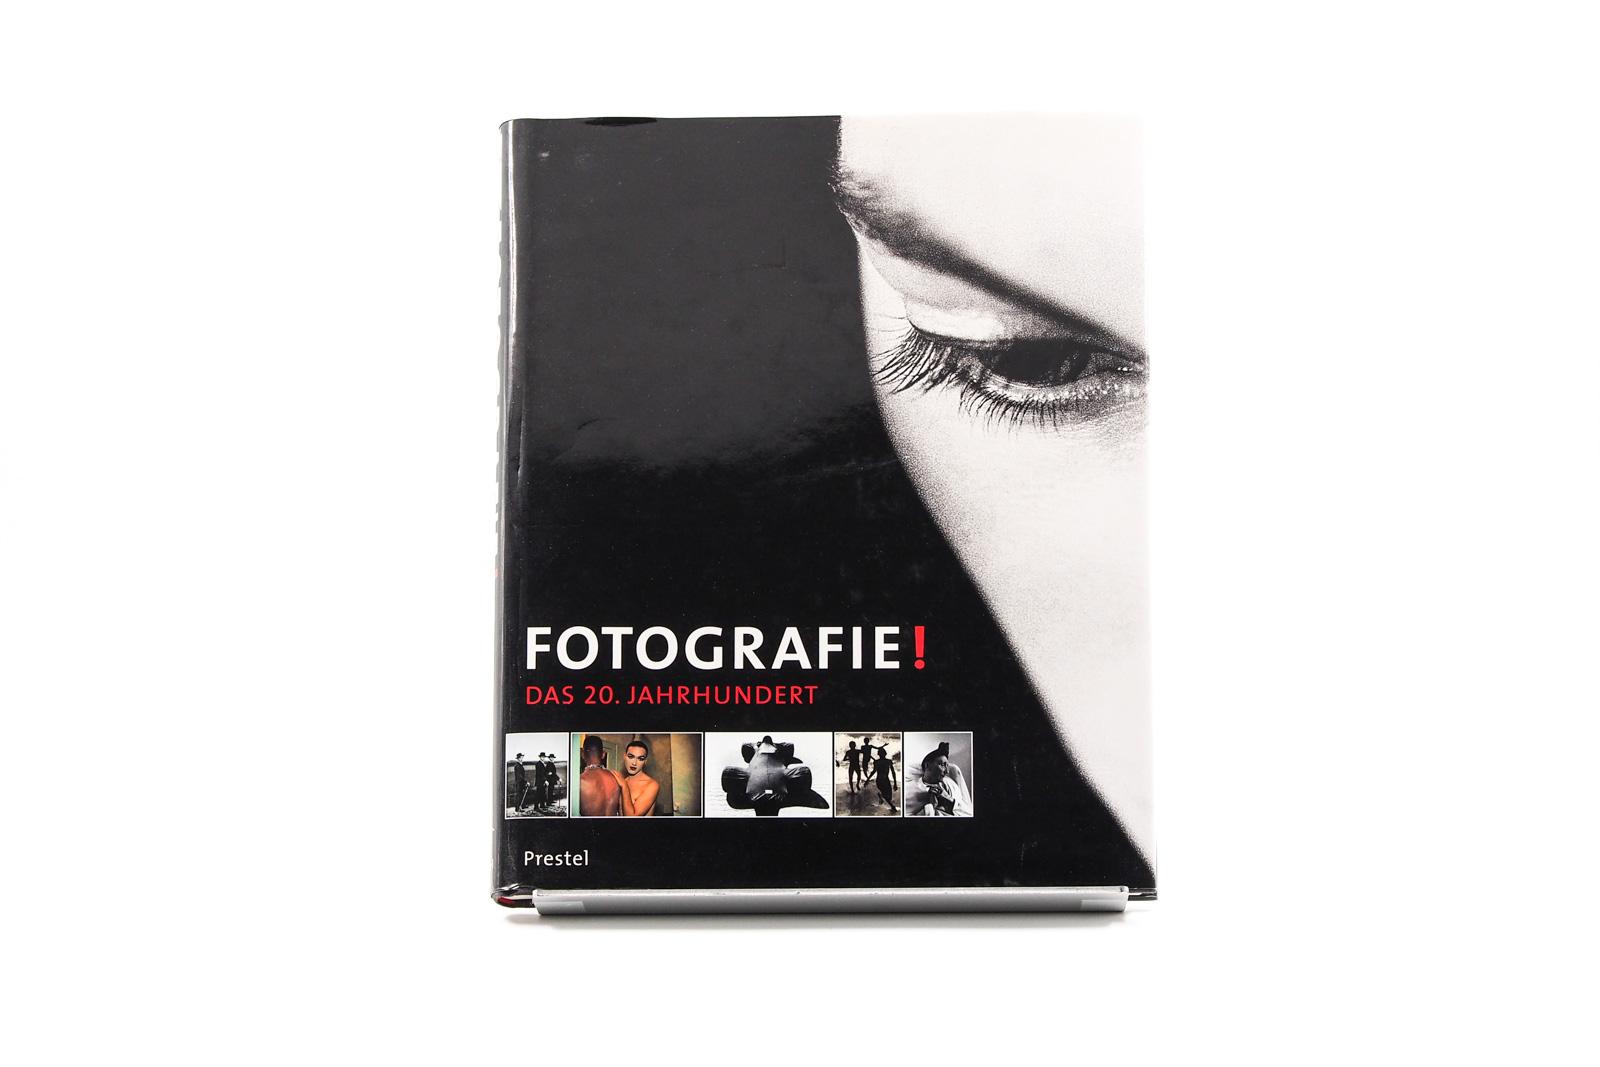 Fotografie! Das 20. Jahrhundert